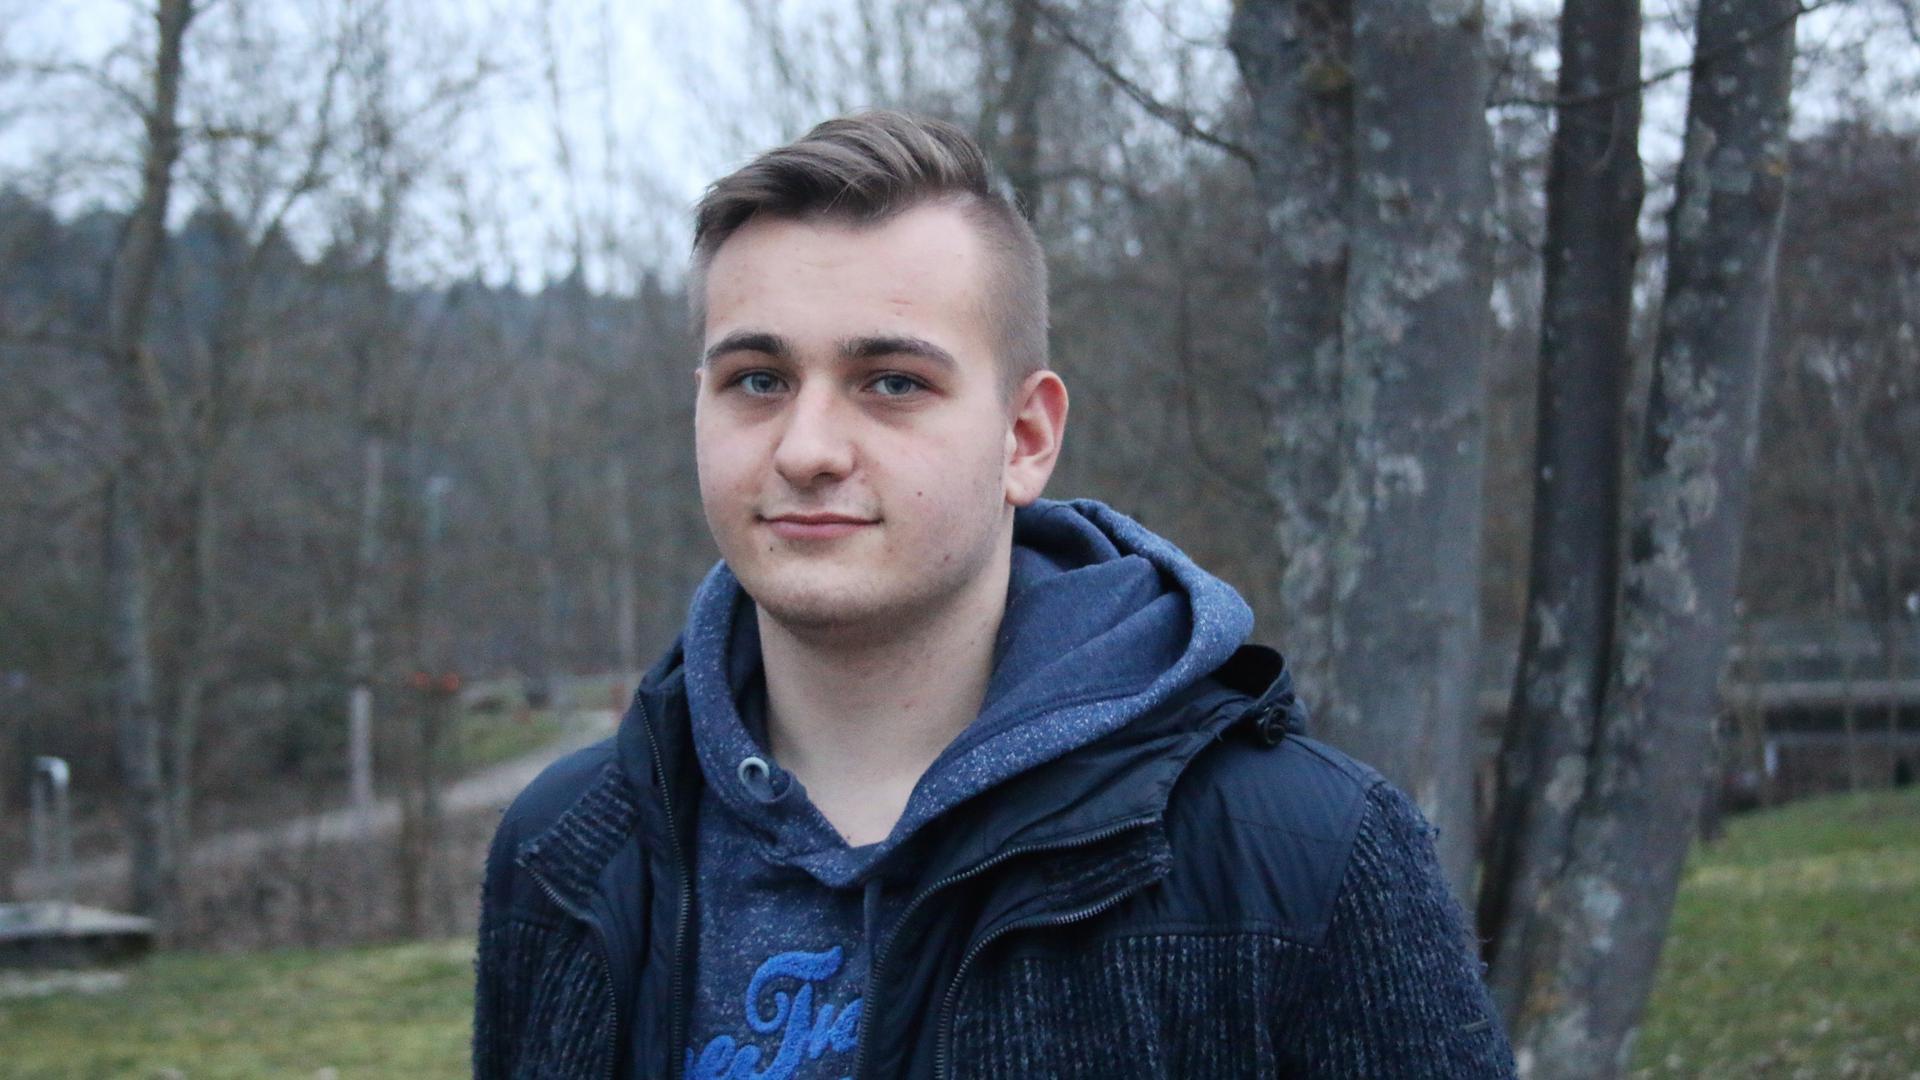 Mit der Partei Die Linke will sich der 18-Jährige Marvin Weiß aus Wilferdingen im Landtag vor allem für sozialpolitische Themen stark machen.